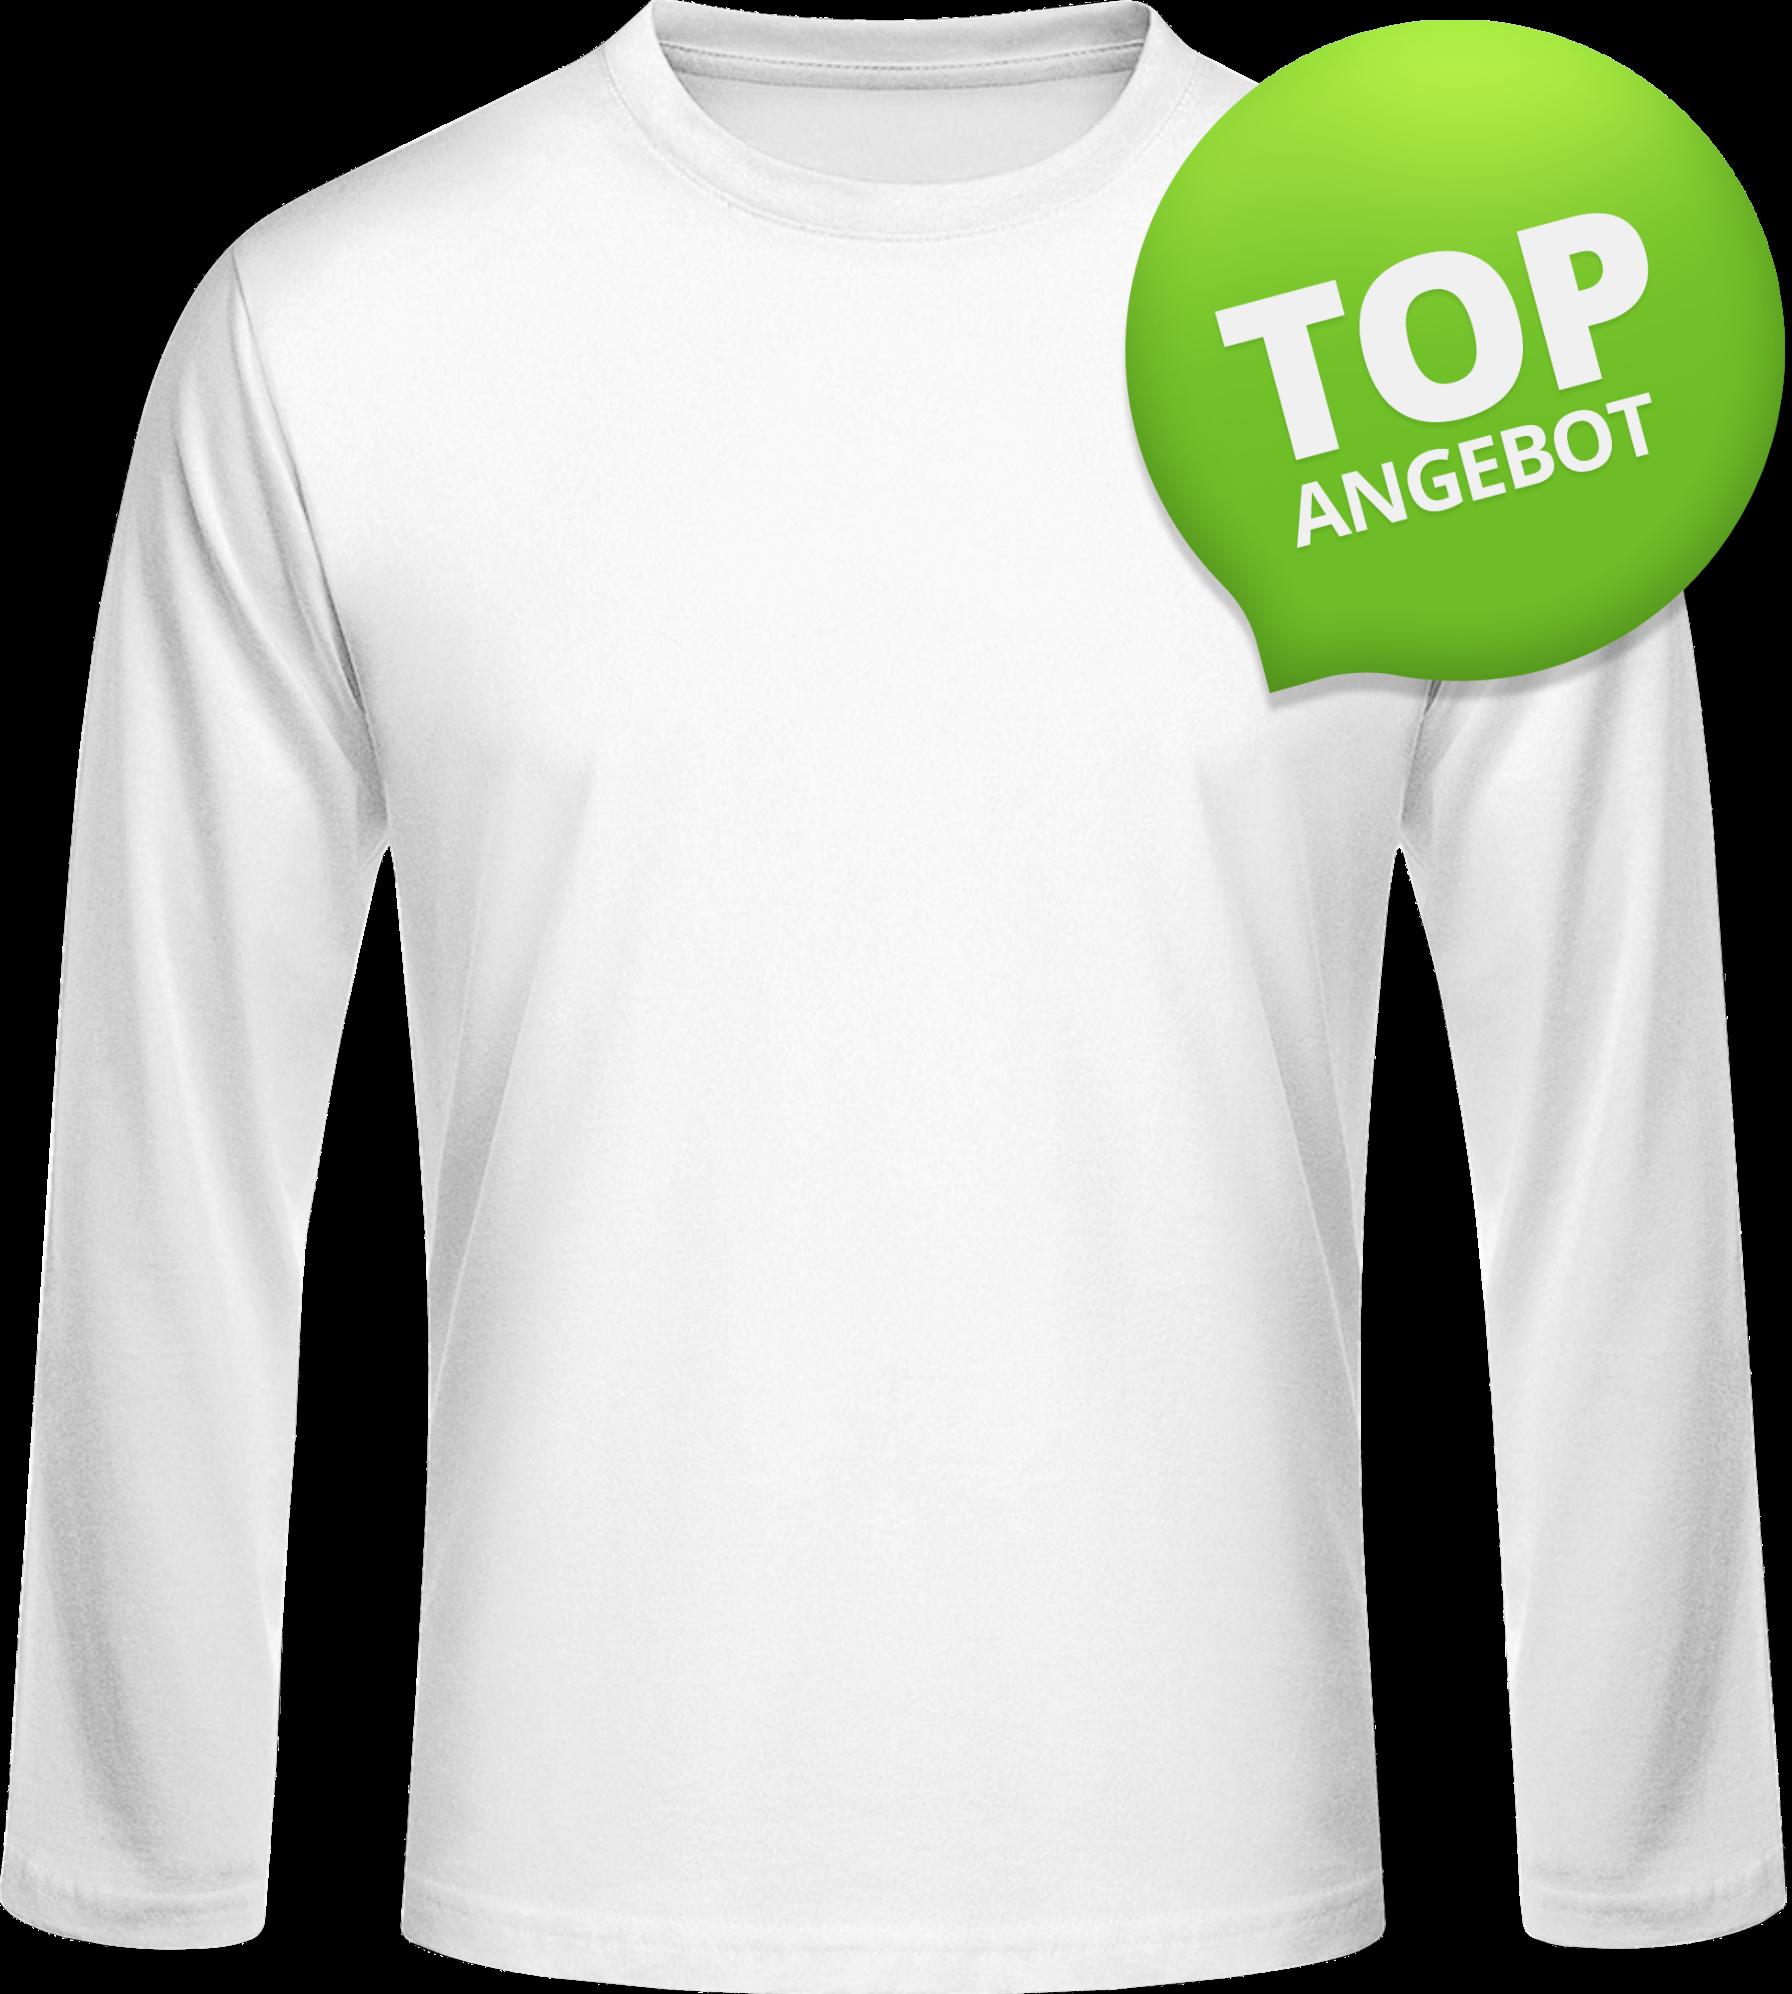 Weiß Lange Ärmel T-shirt